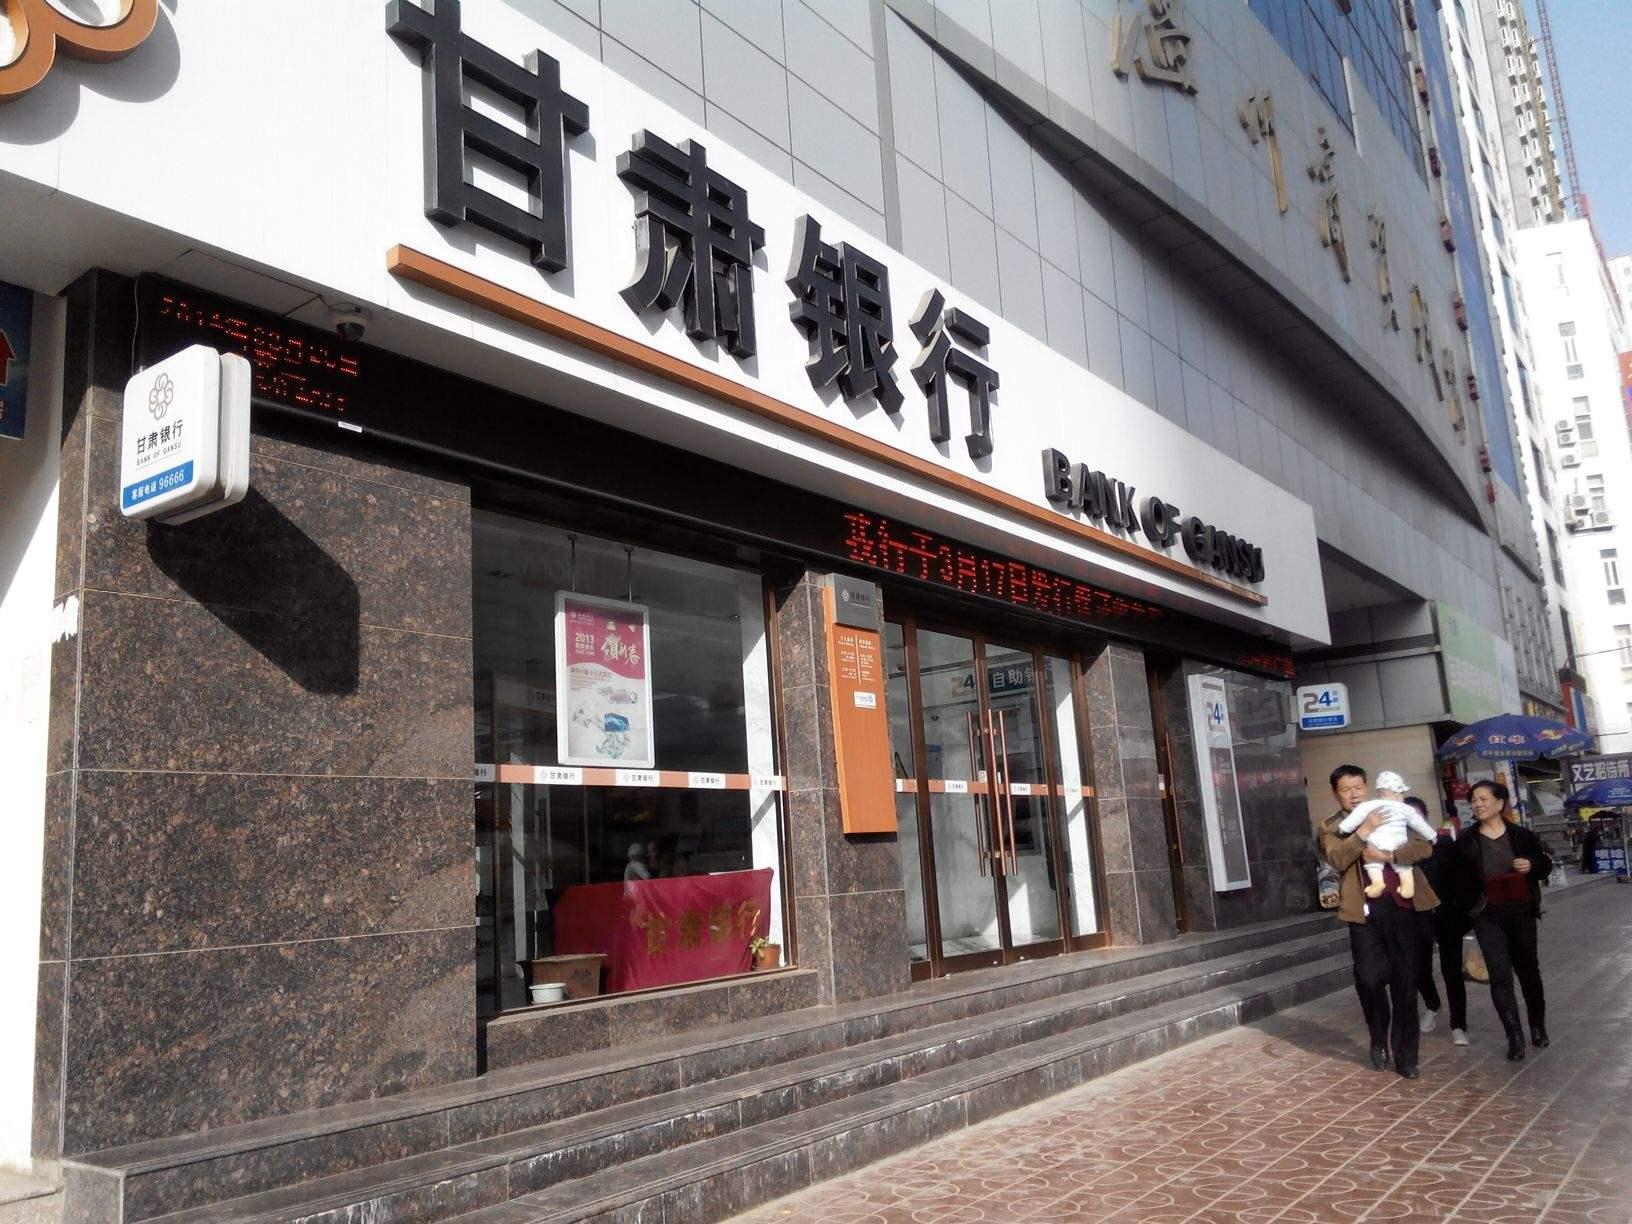 甘肃银行与腾讯云战略合作